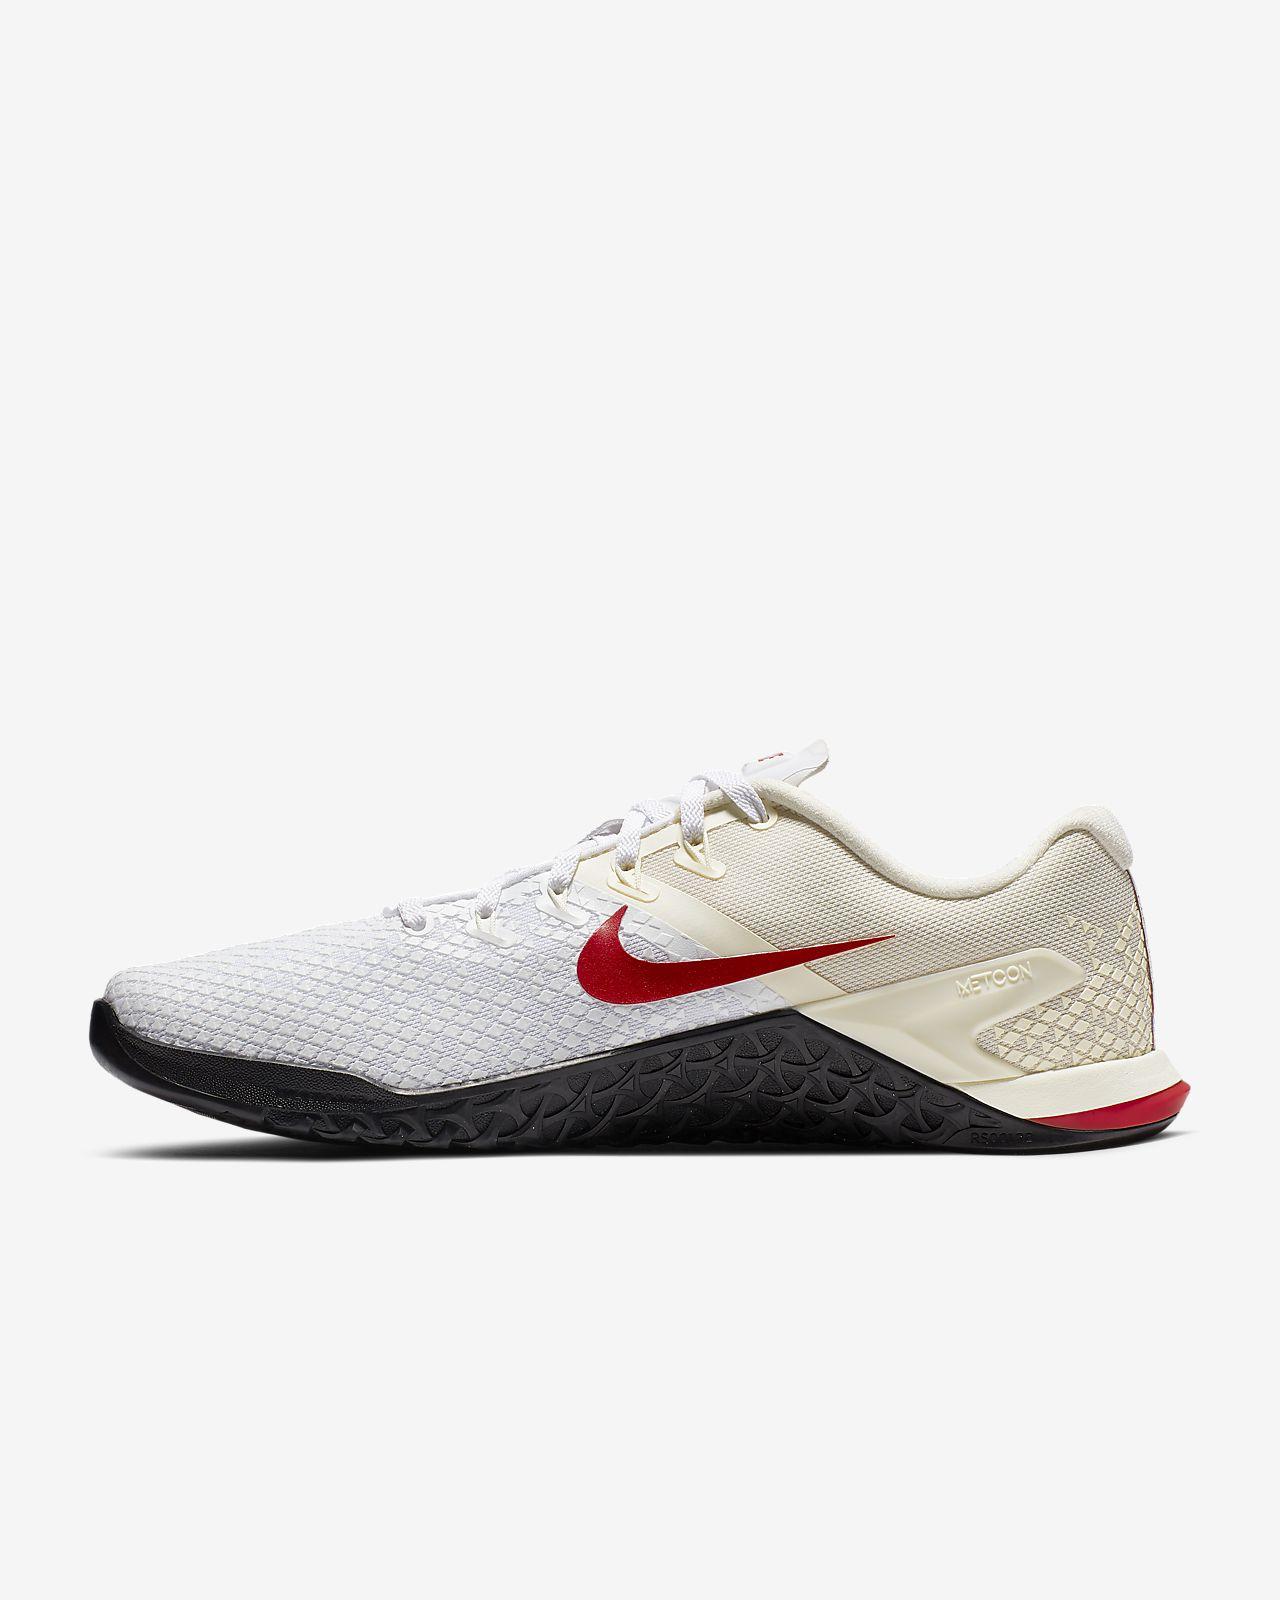 Nike Metcon 4 XD Herren-Trainingsschuh